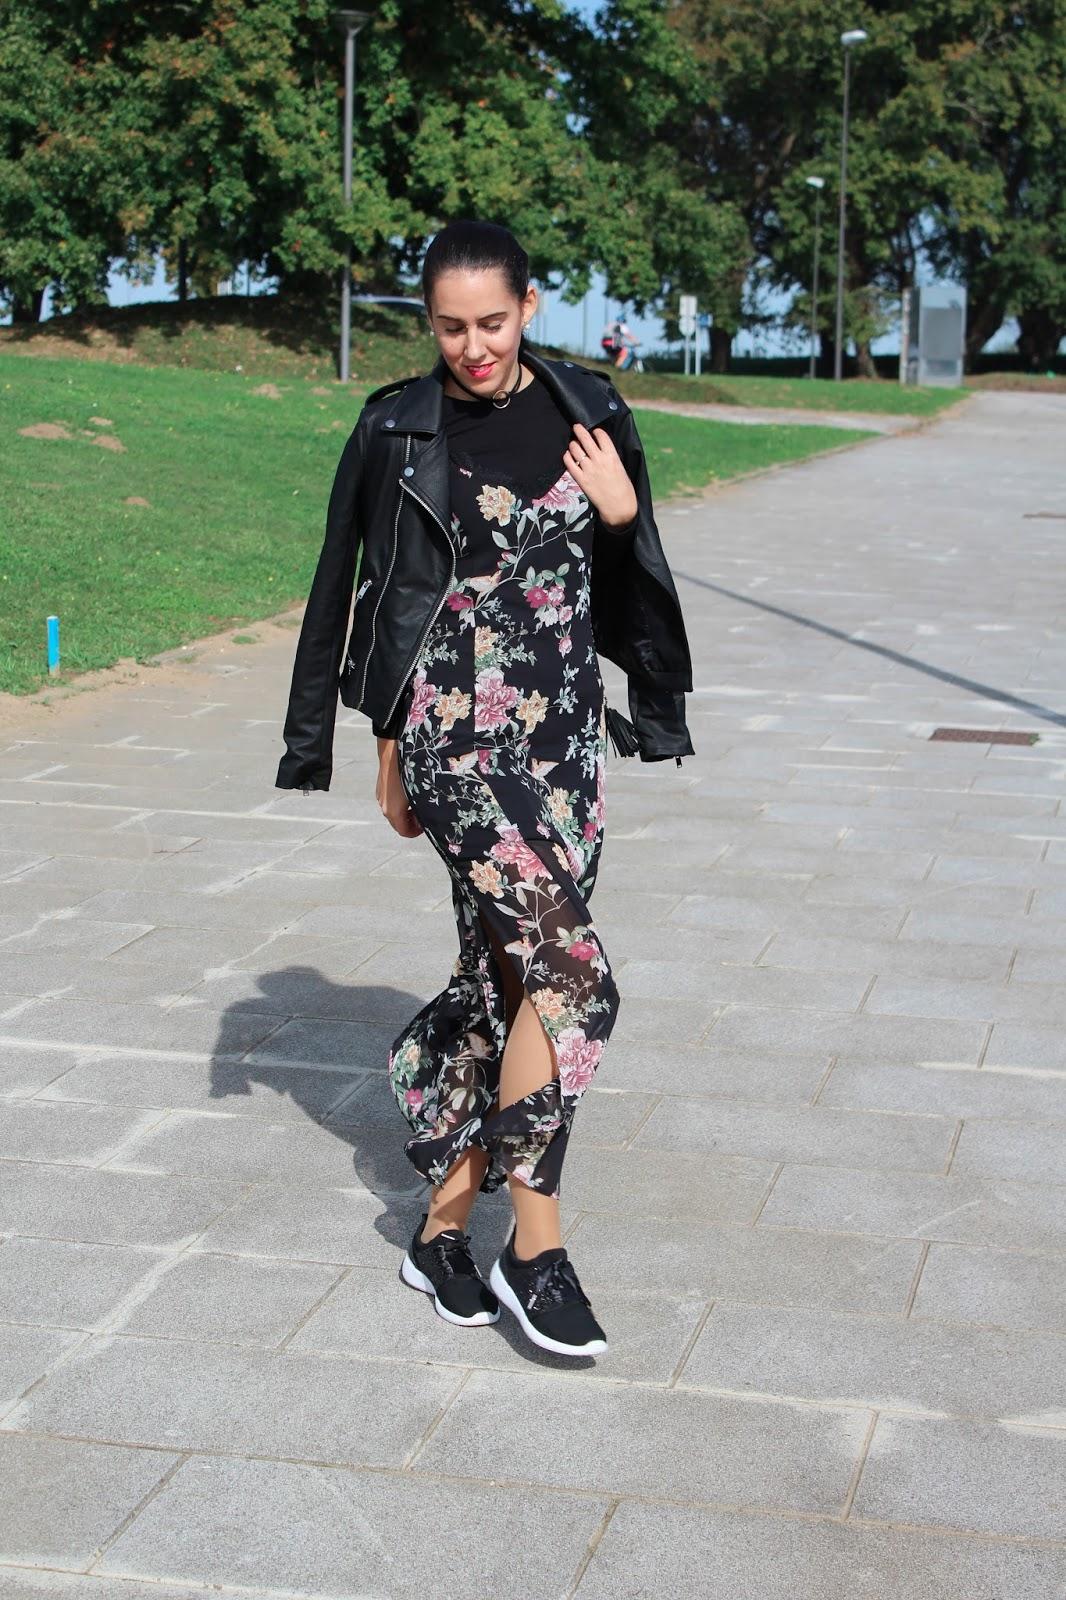 blogger-outfit-fashion-trendy-inditex-vestido-moda-modelo-ropa